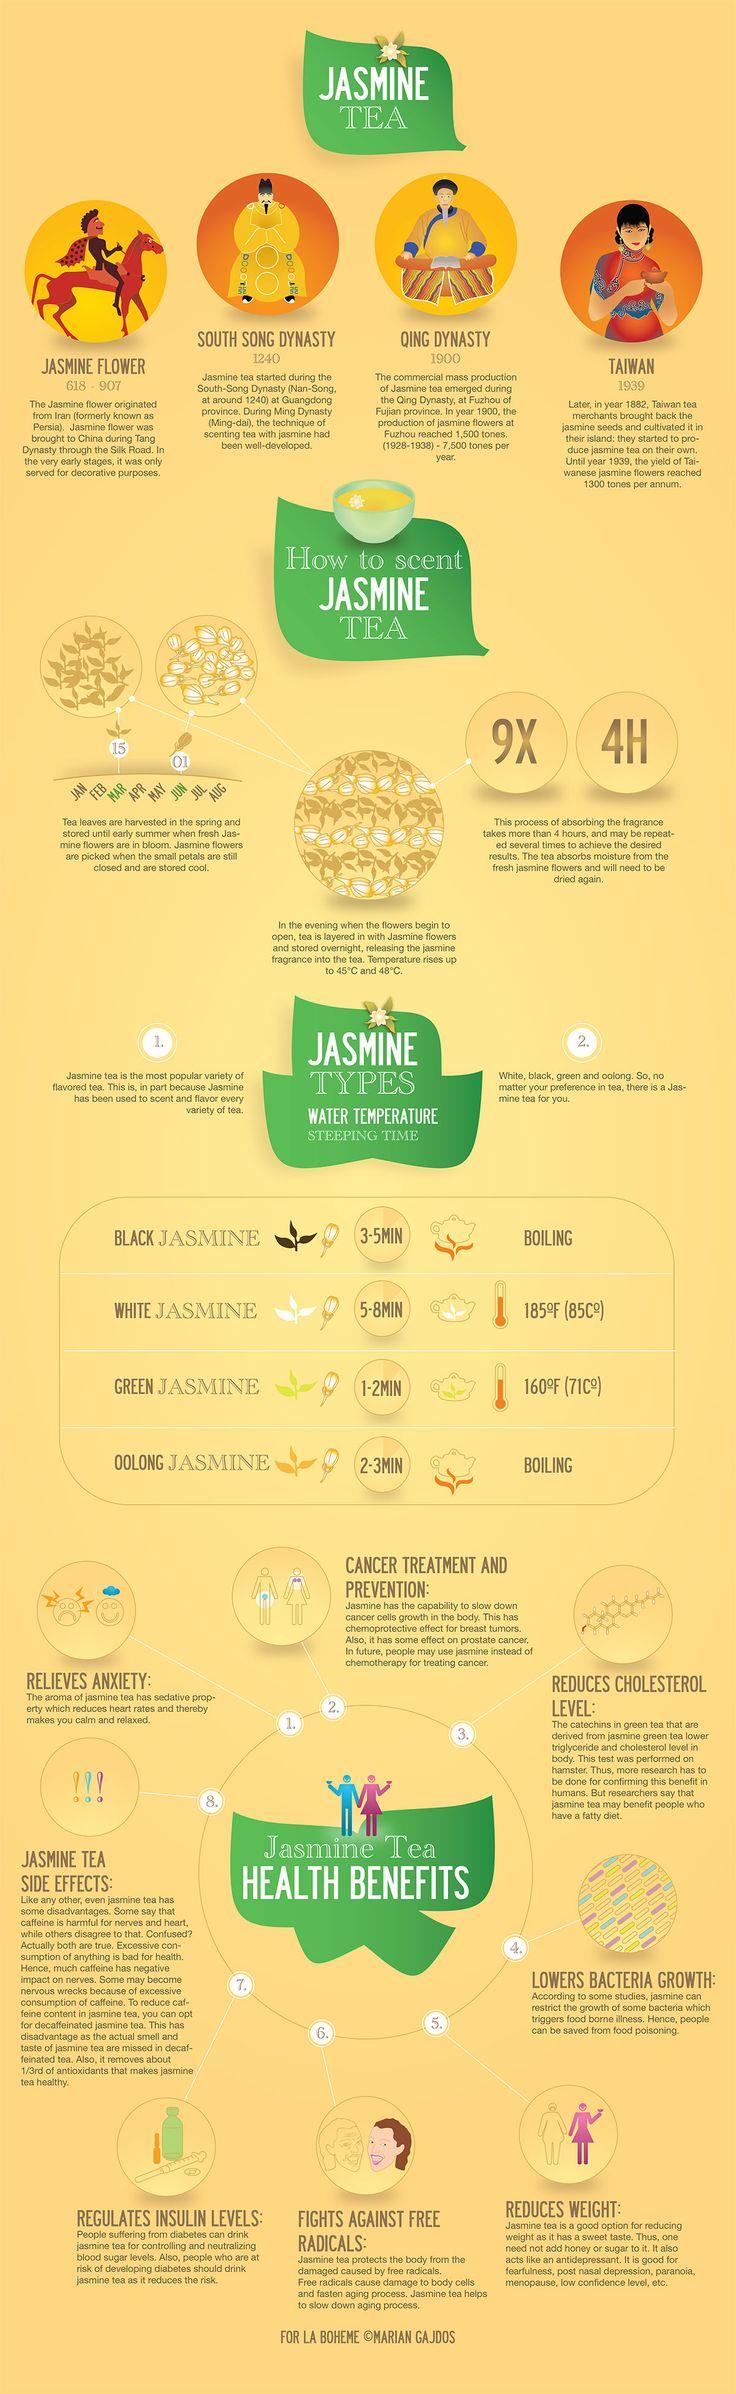 Infographics on Jasmine tea, history of Jasmine tea, health benefits, How to prepare jasmine tea.